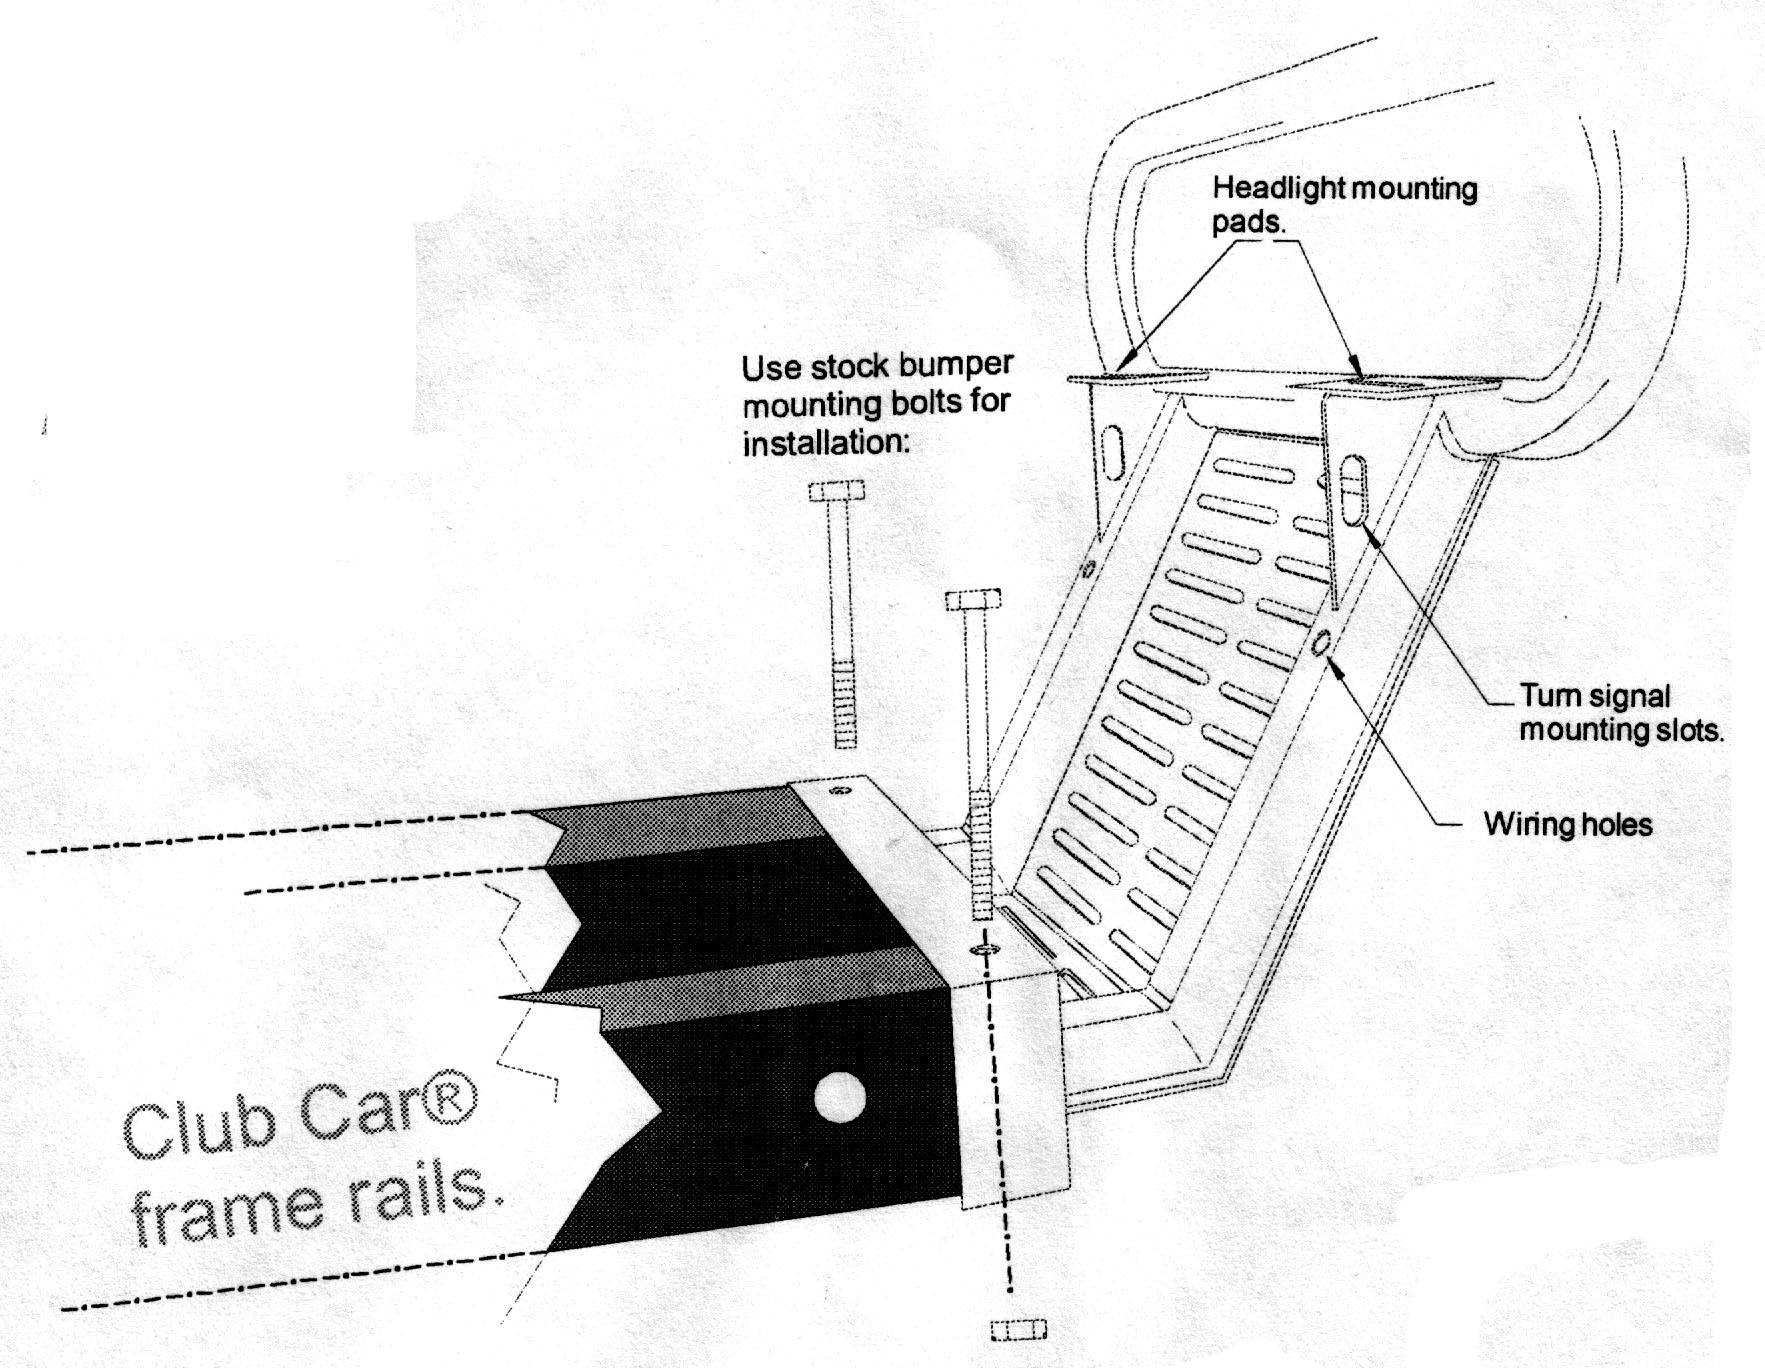 golf cart wiring diagram for brake light yh 2830  club car precedent brake light wiring diagram free diagram  club car precedent brake light wiring